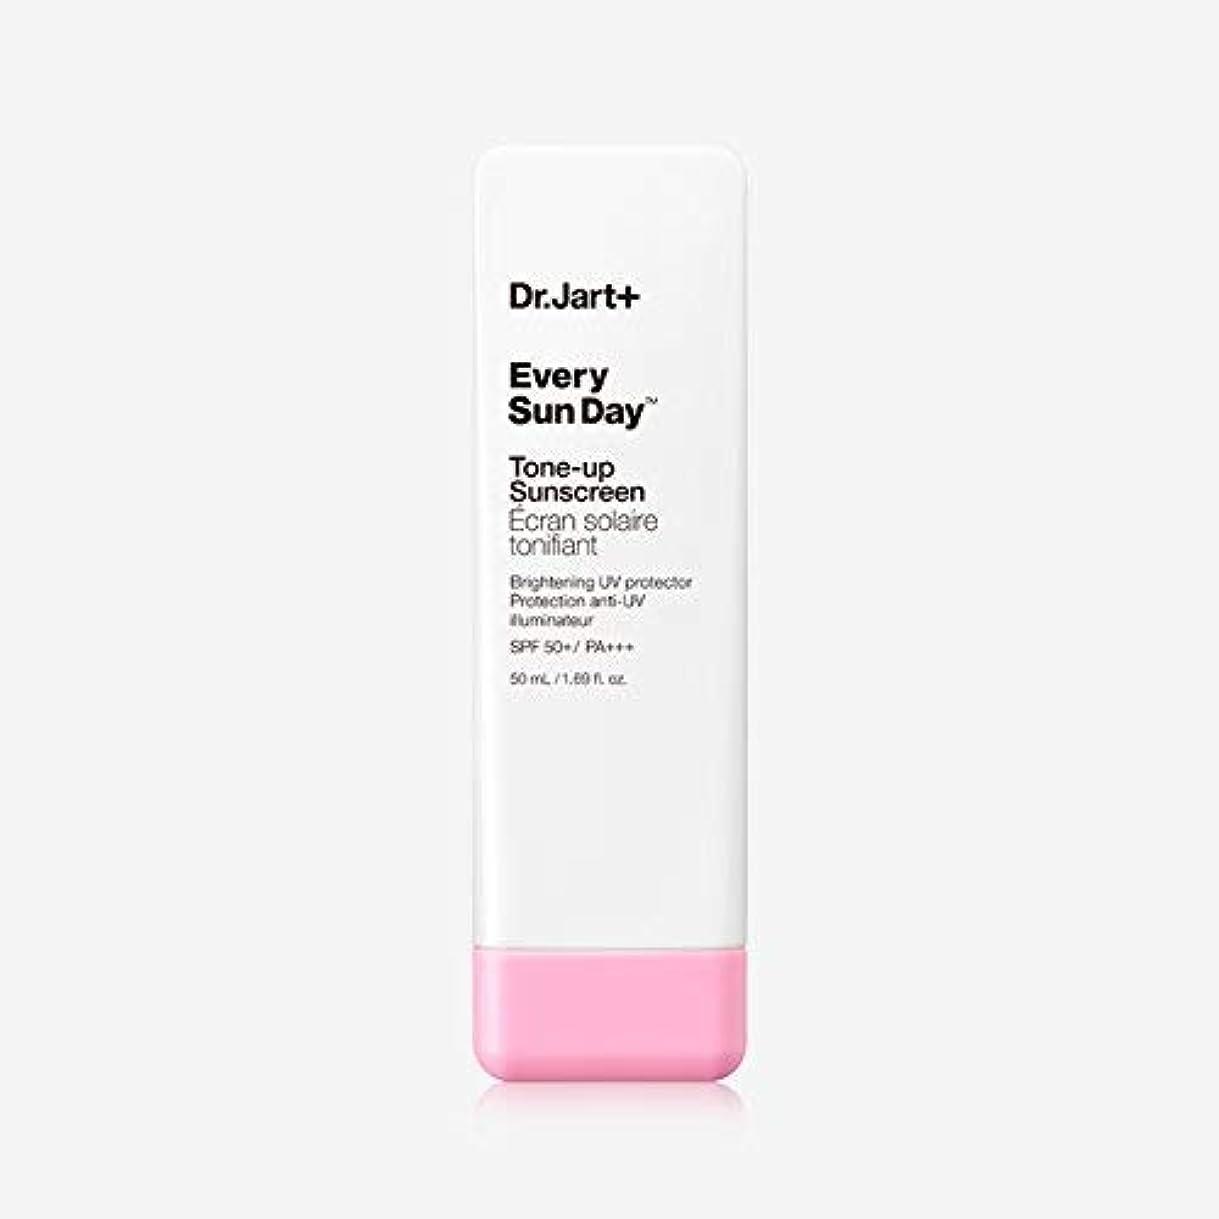 沈黙フロンティア同様のDr.Jart+ Every Sun Day Tone-up Sunscreen SPF50+ PA+++ 50ml / ドクタージャルトゥエヴリサンデートーンアップサンスクリーンSPF50+PA+++50ml [並行輸入品]